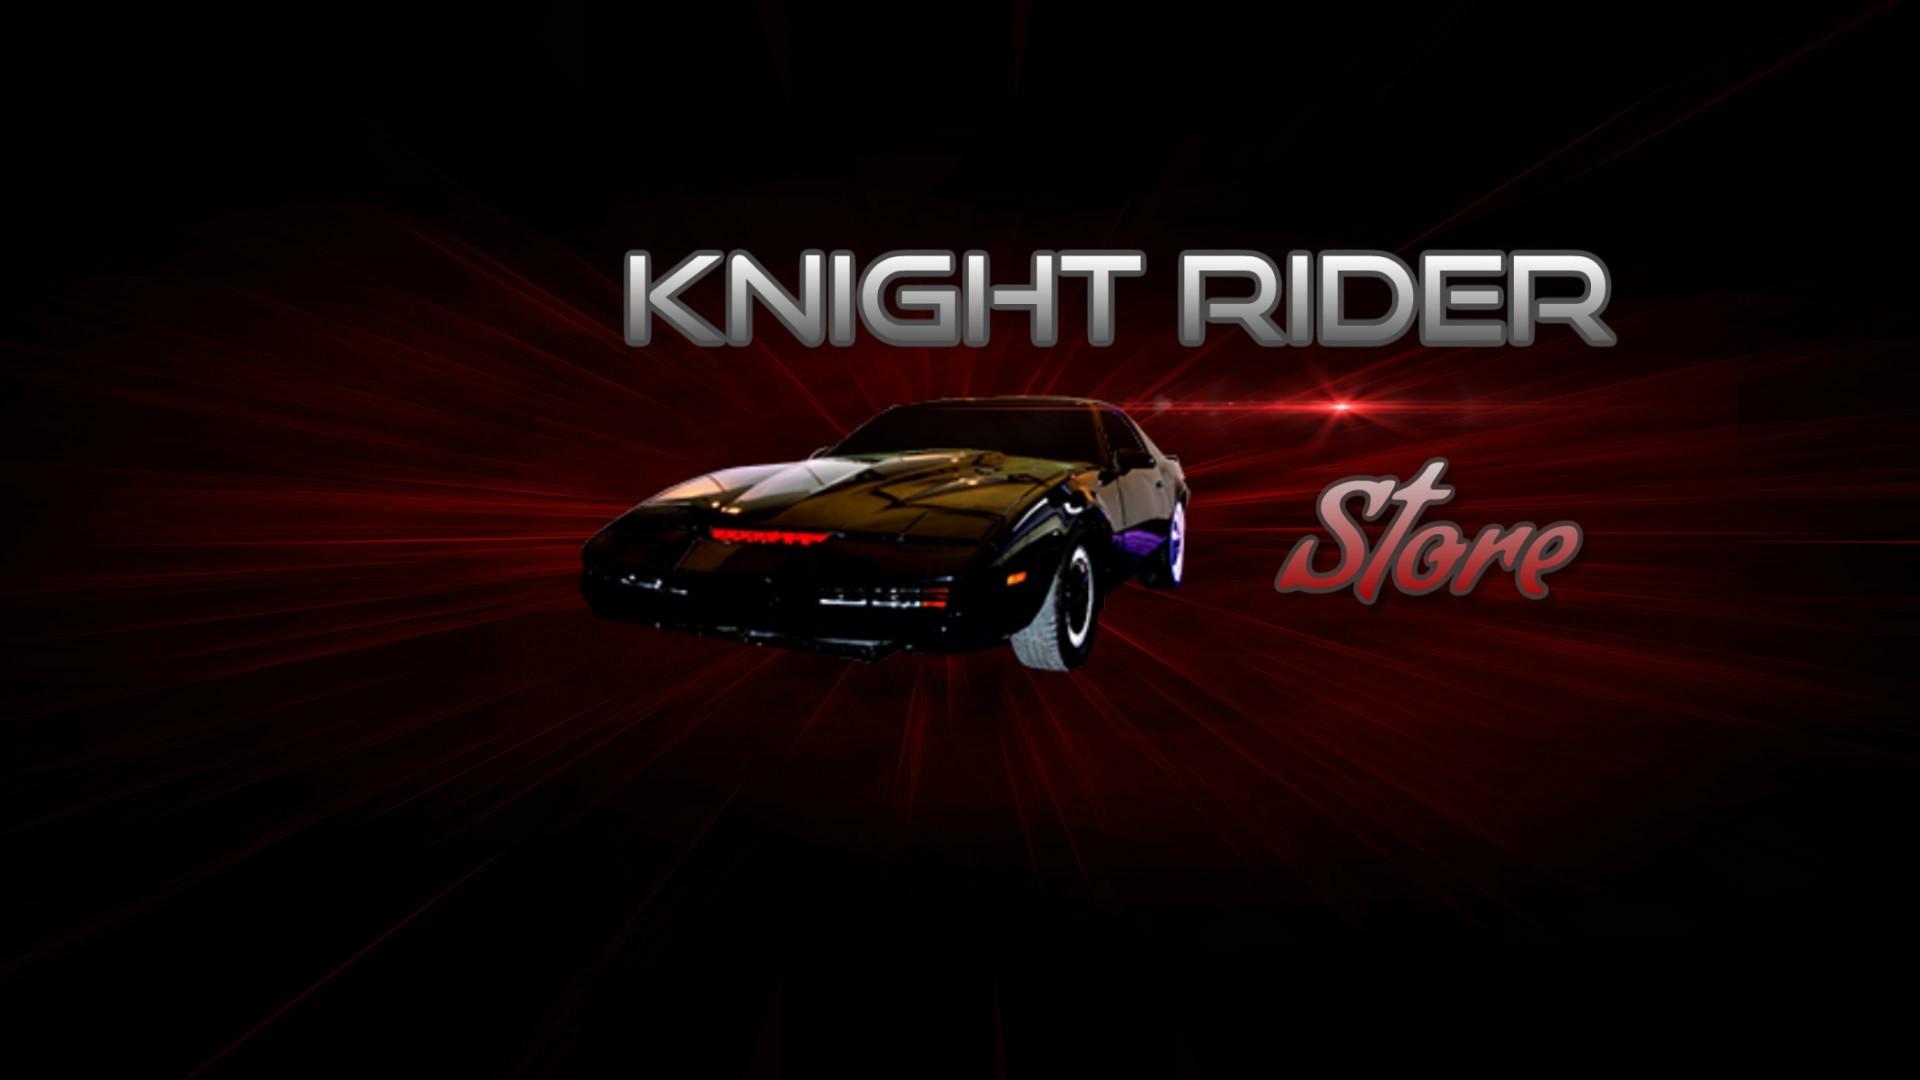 Knight Rider Live Wallpaper Best 4k Wallpaper